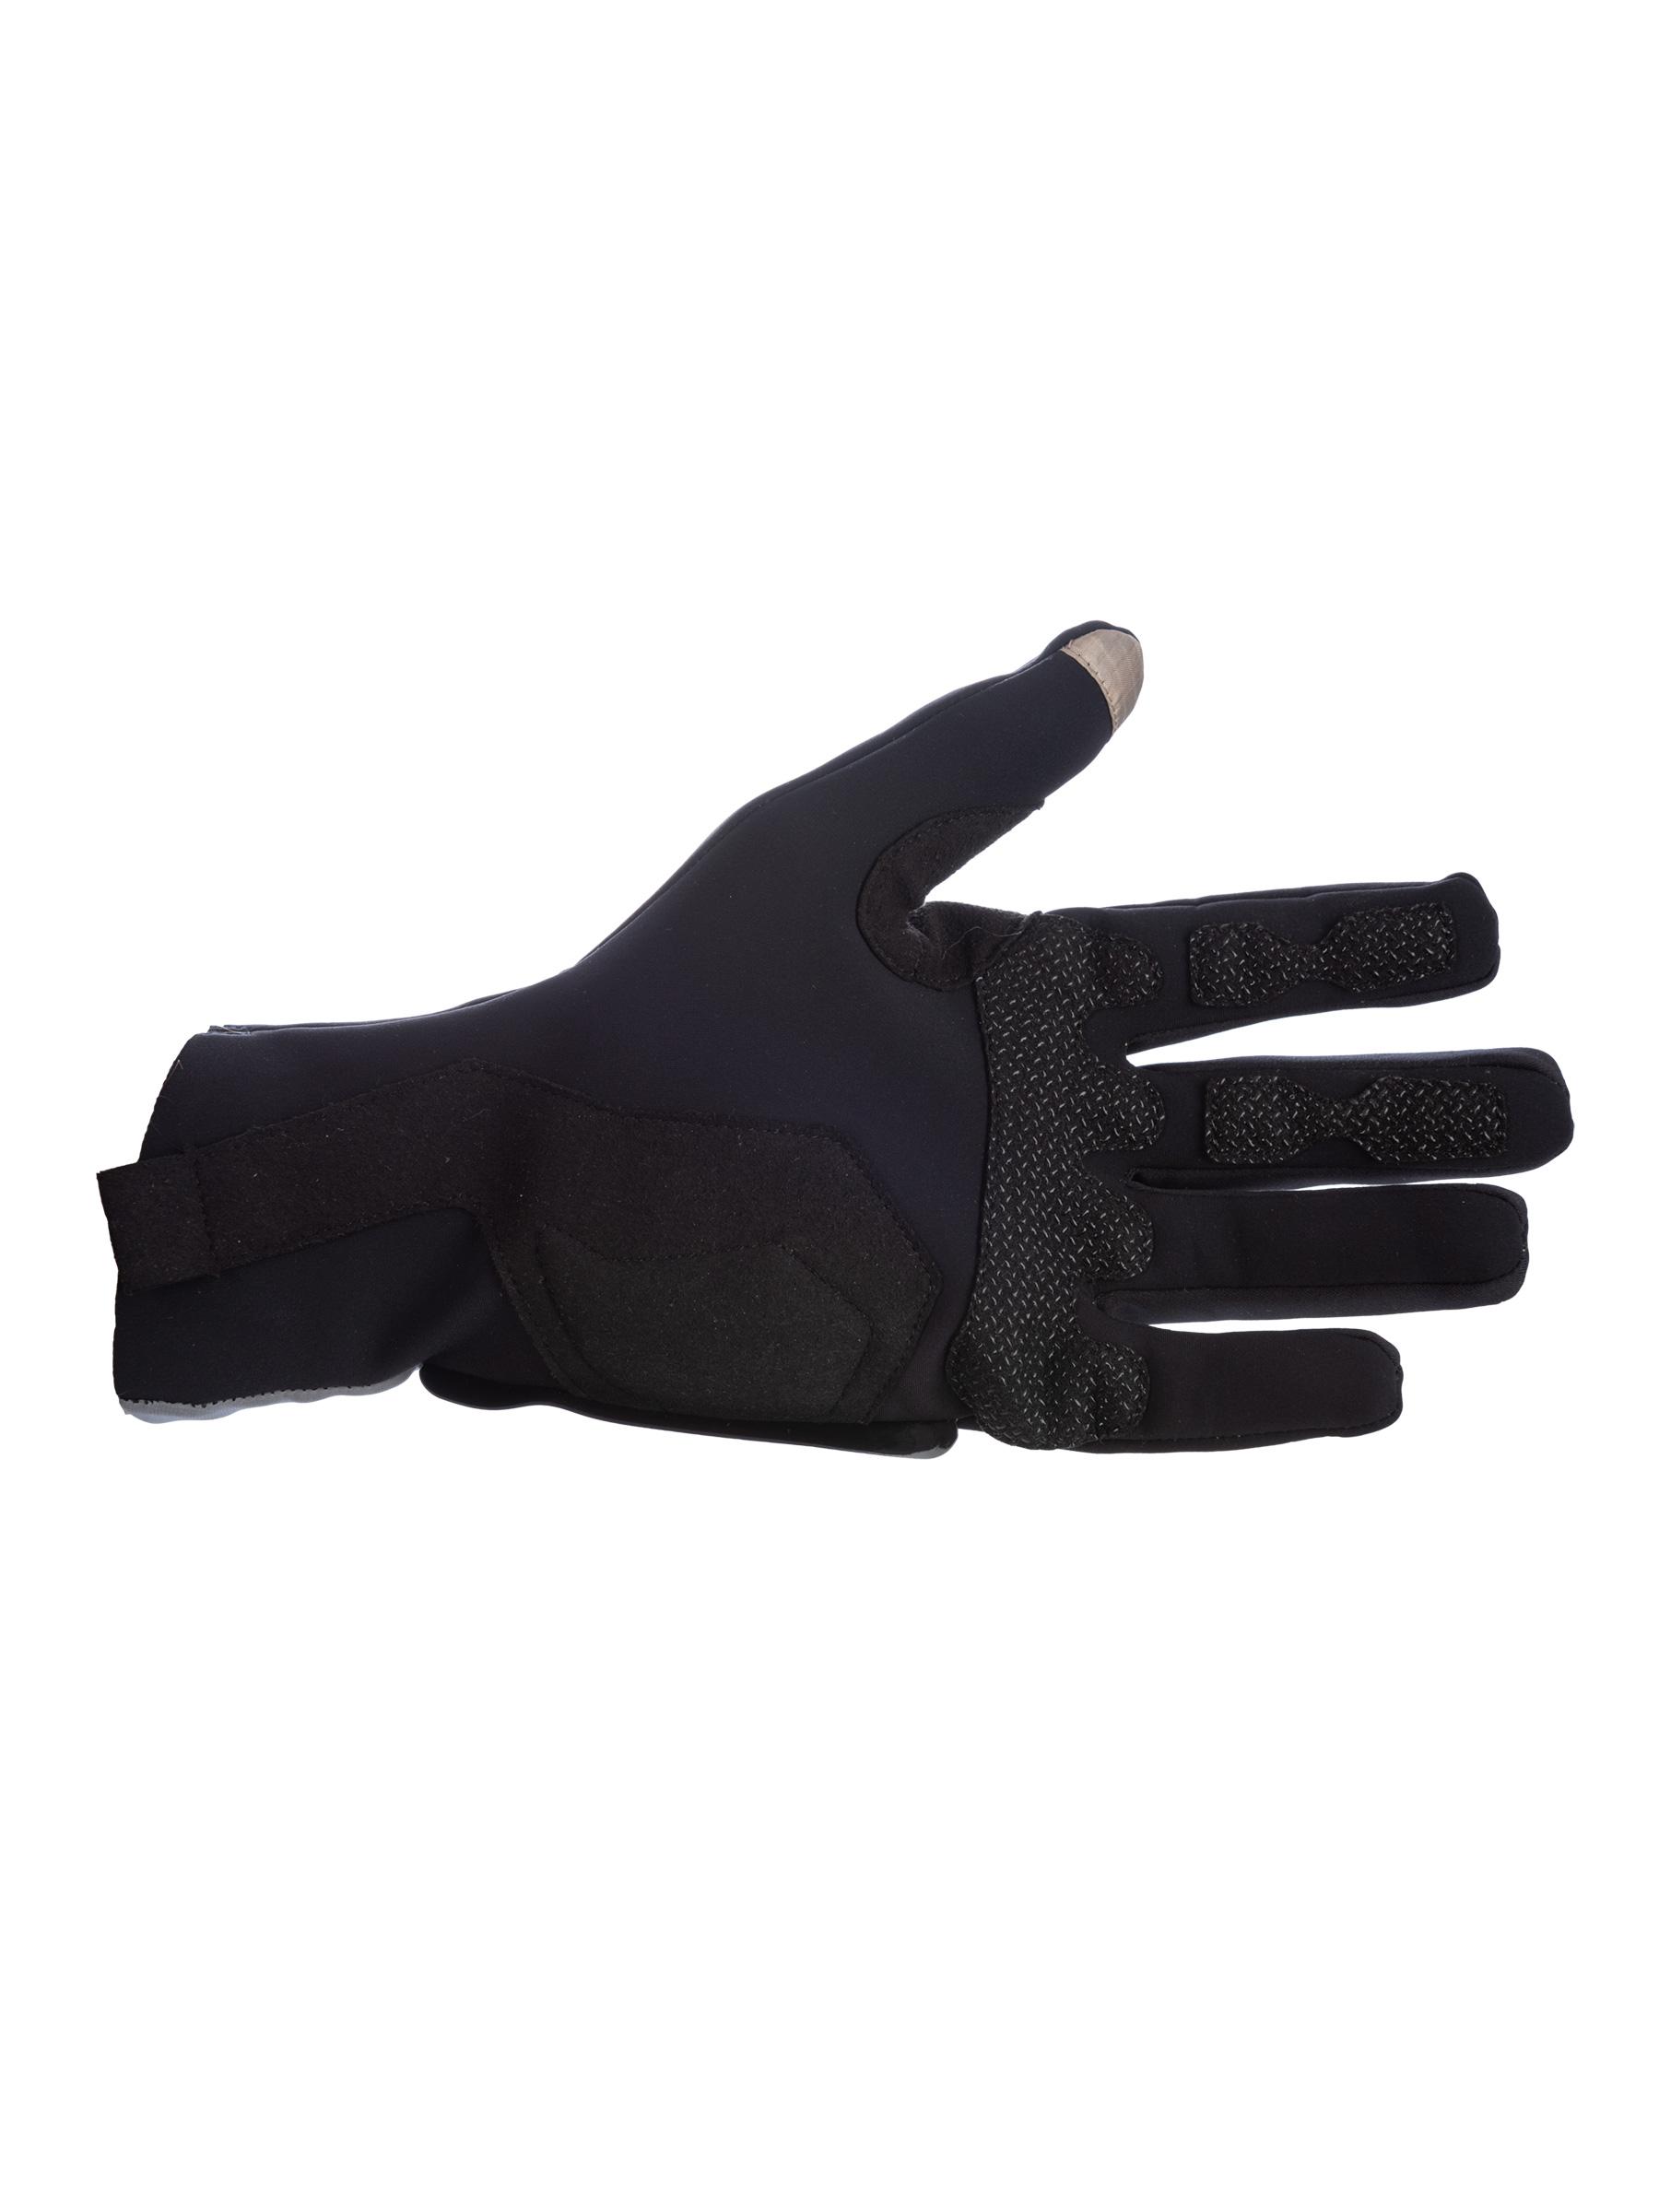 Guantes Termico Glove X